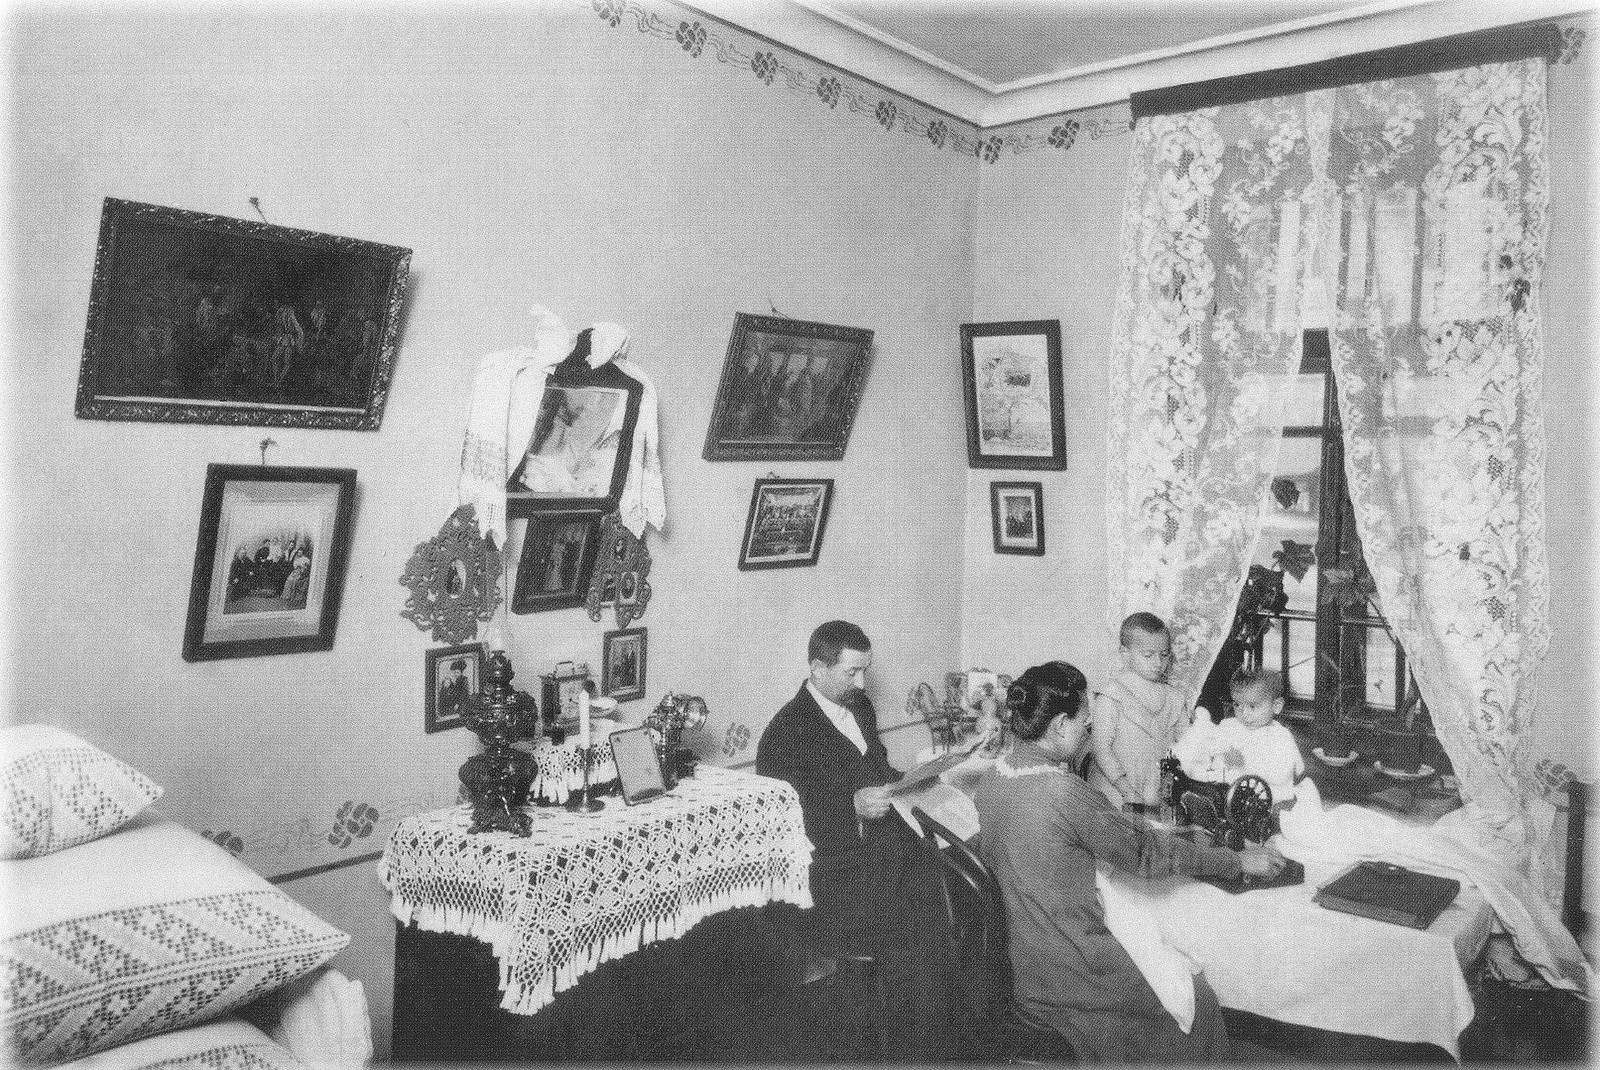 1906. Семья члена Товарищества по борьбе с жилищной нуждой в комнате нового дома